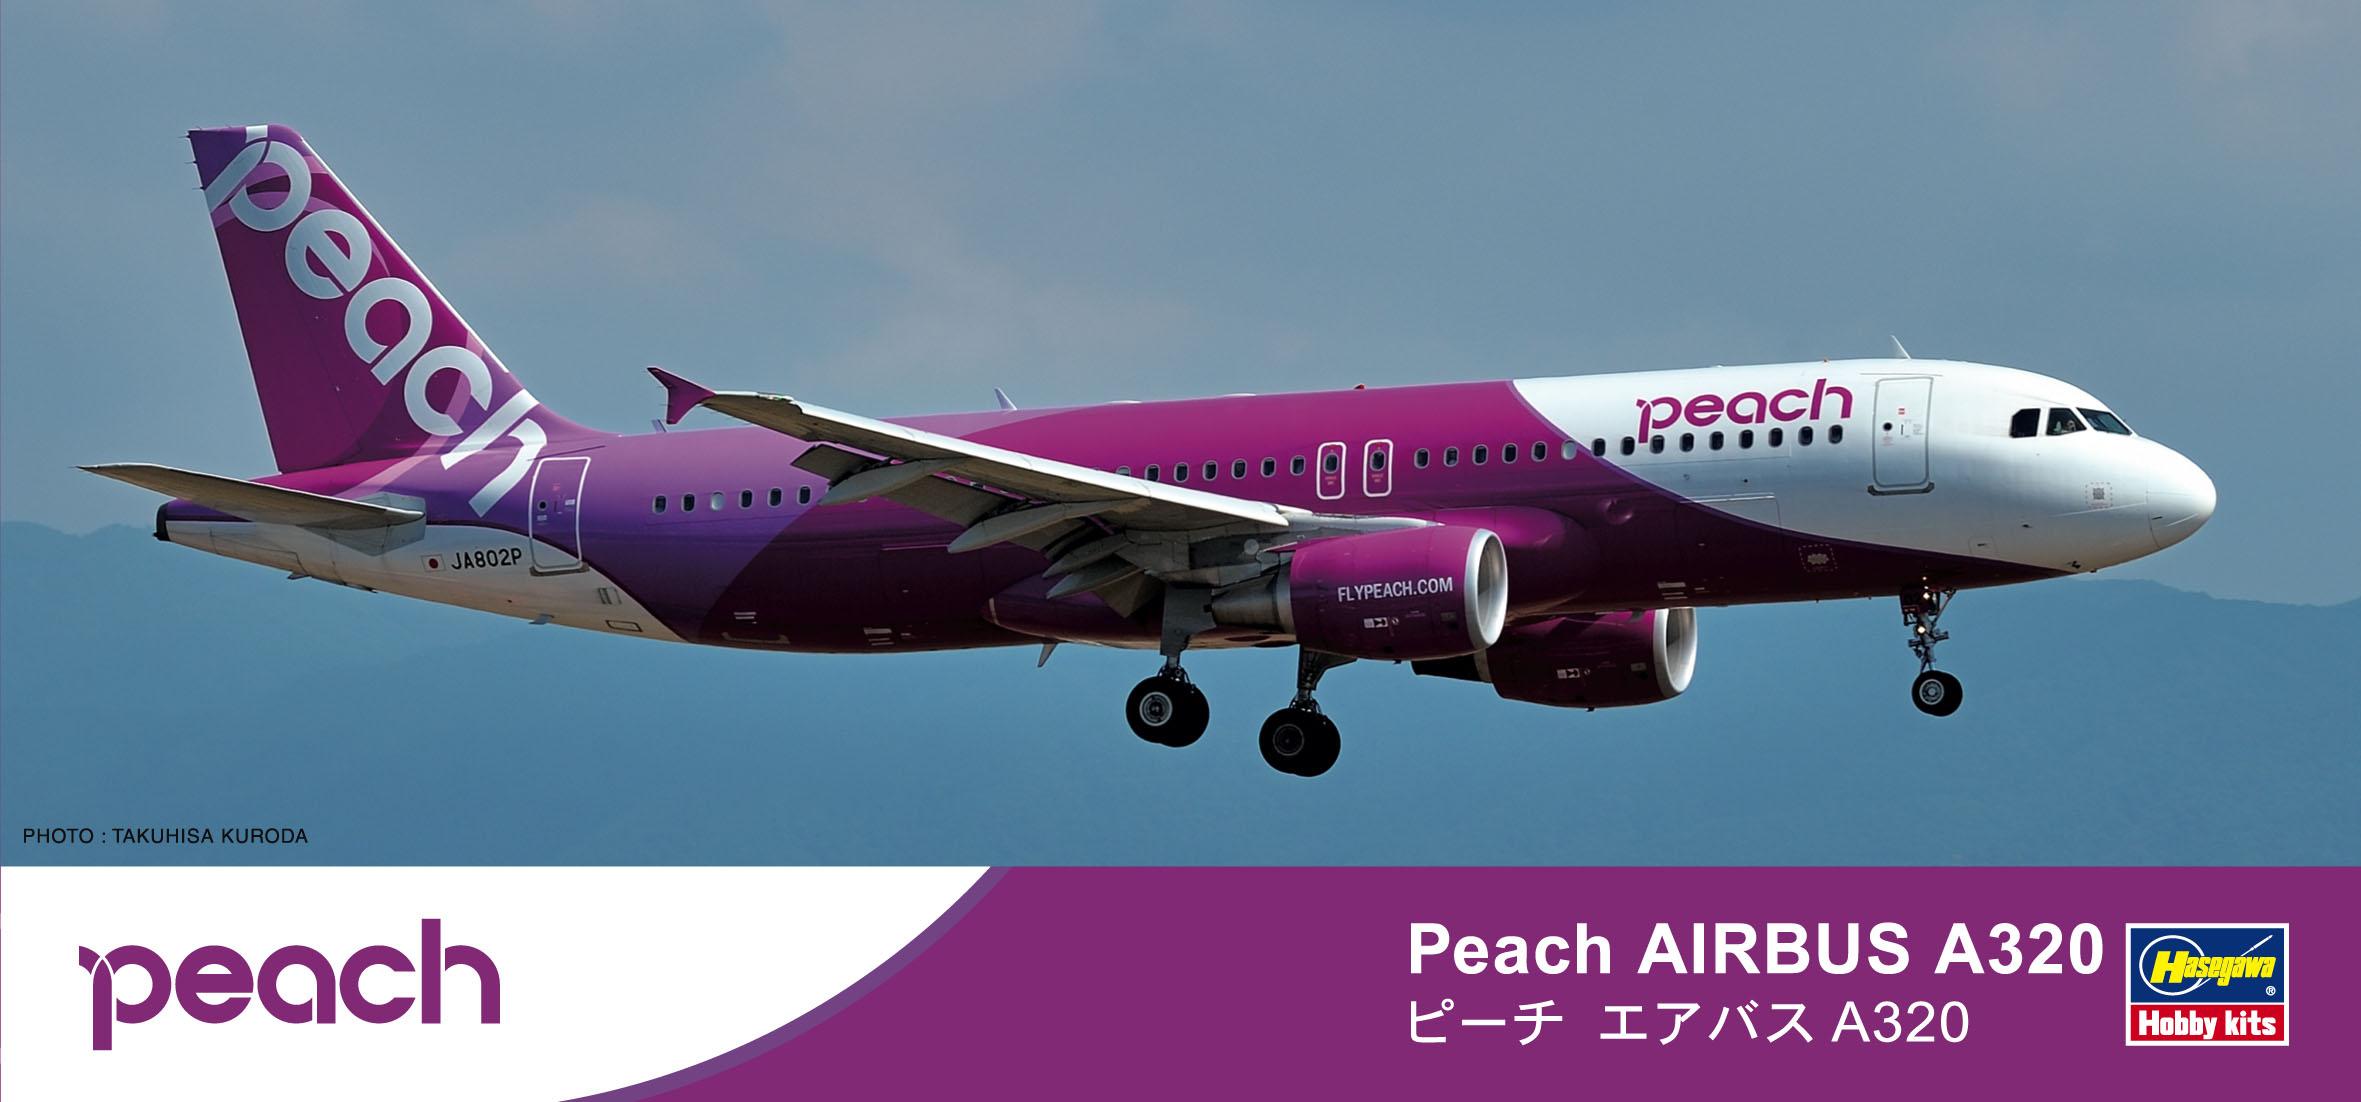 Hasegawa Peach Aviation Airbus A320